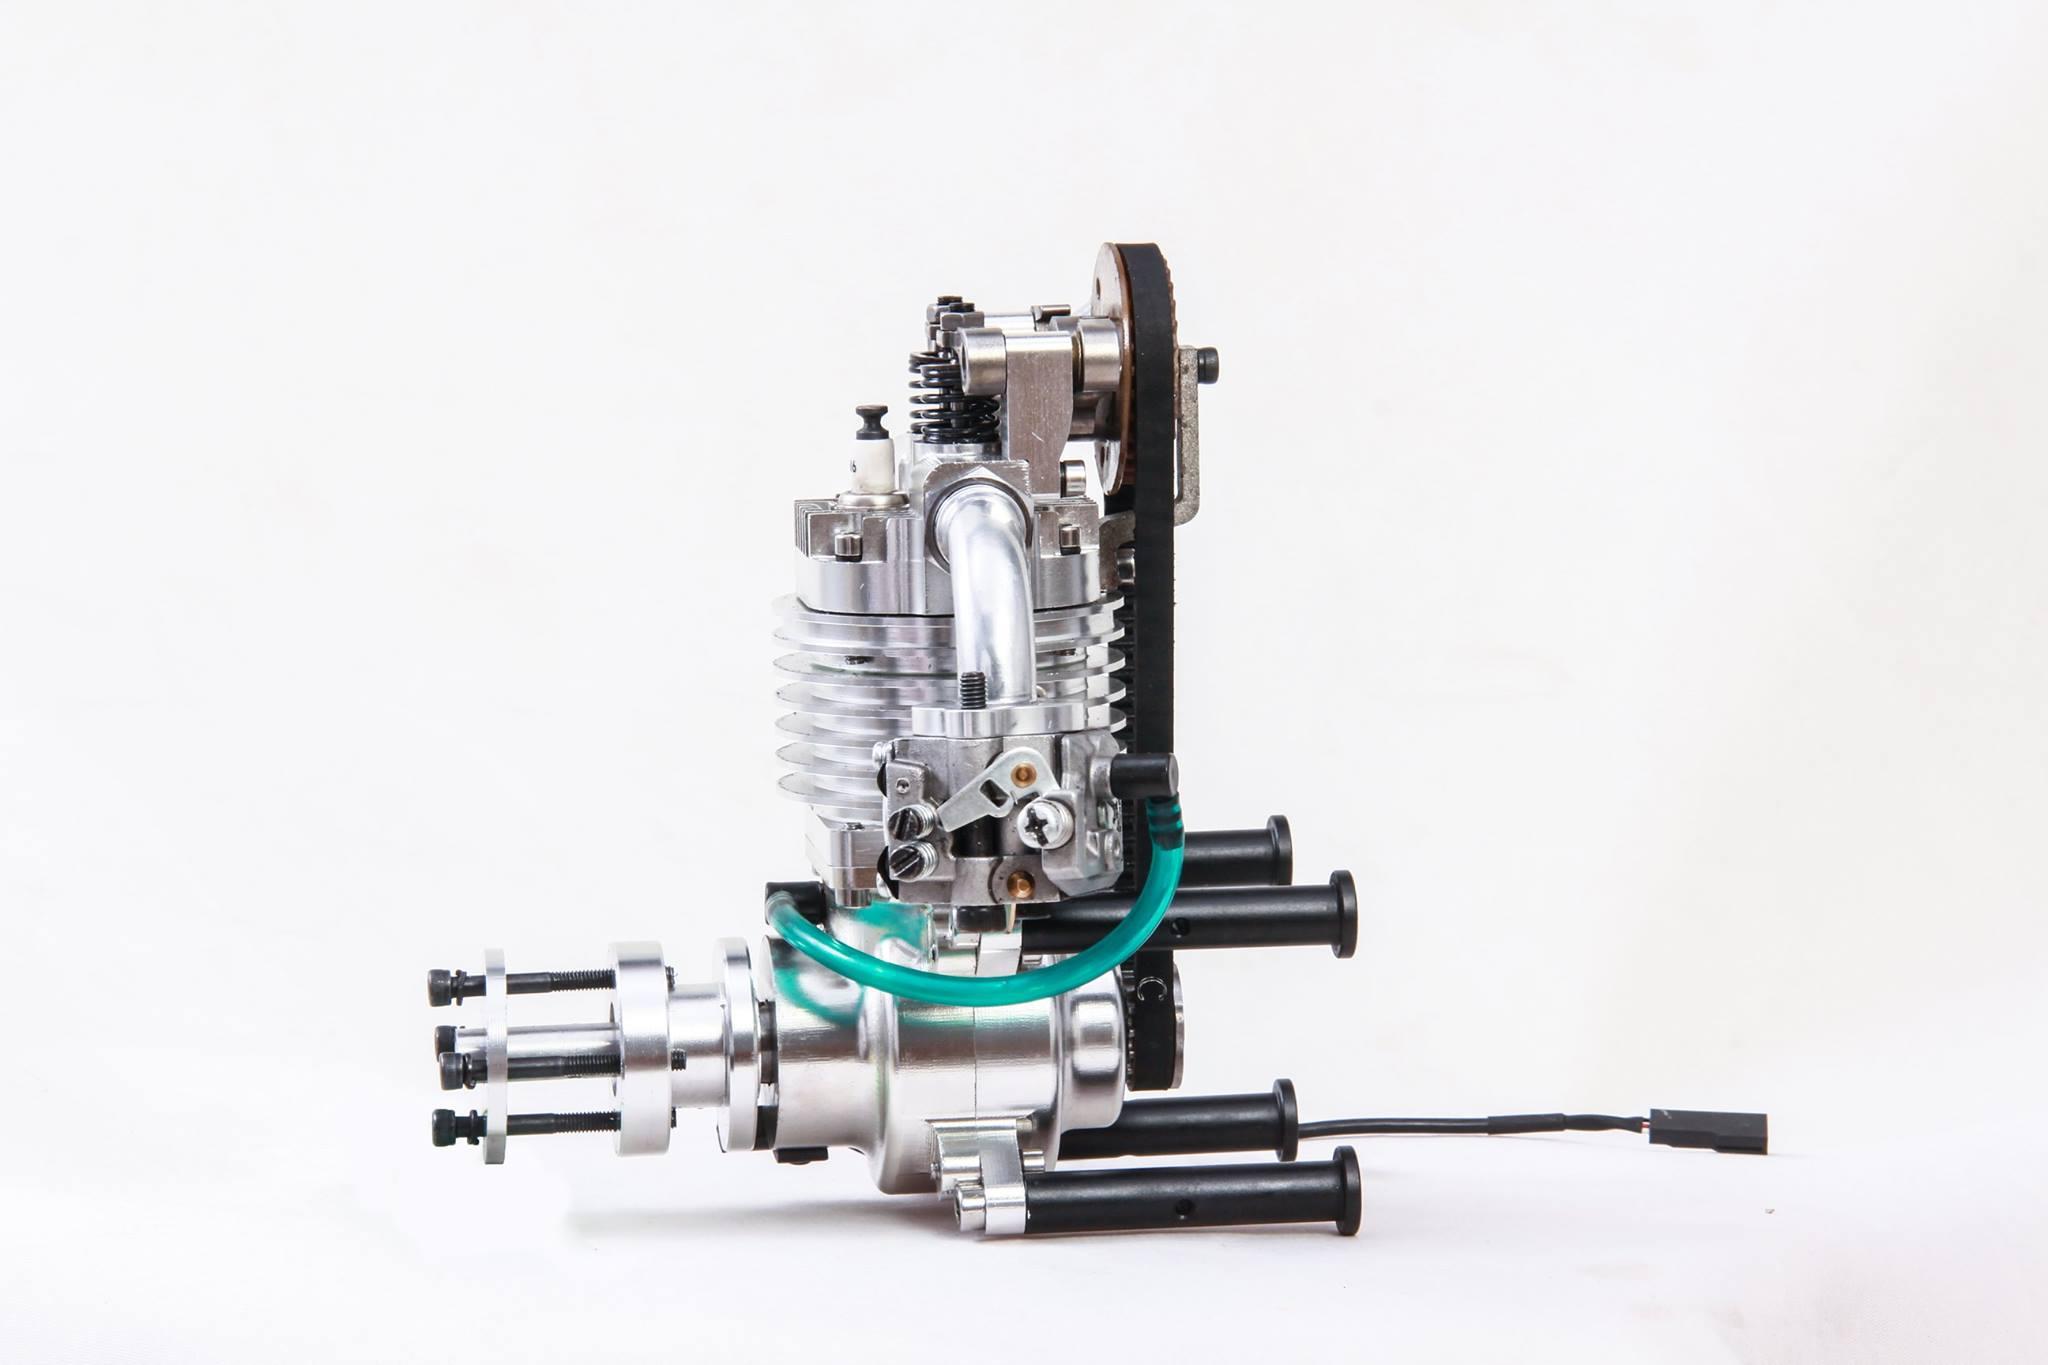 Model Engines Carburetors 4